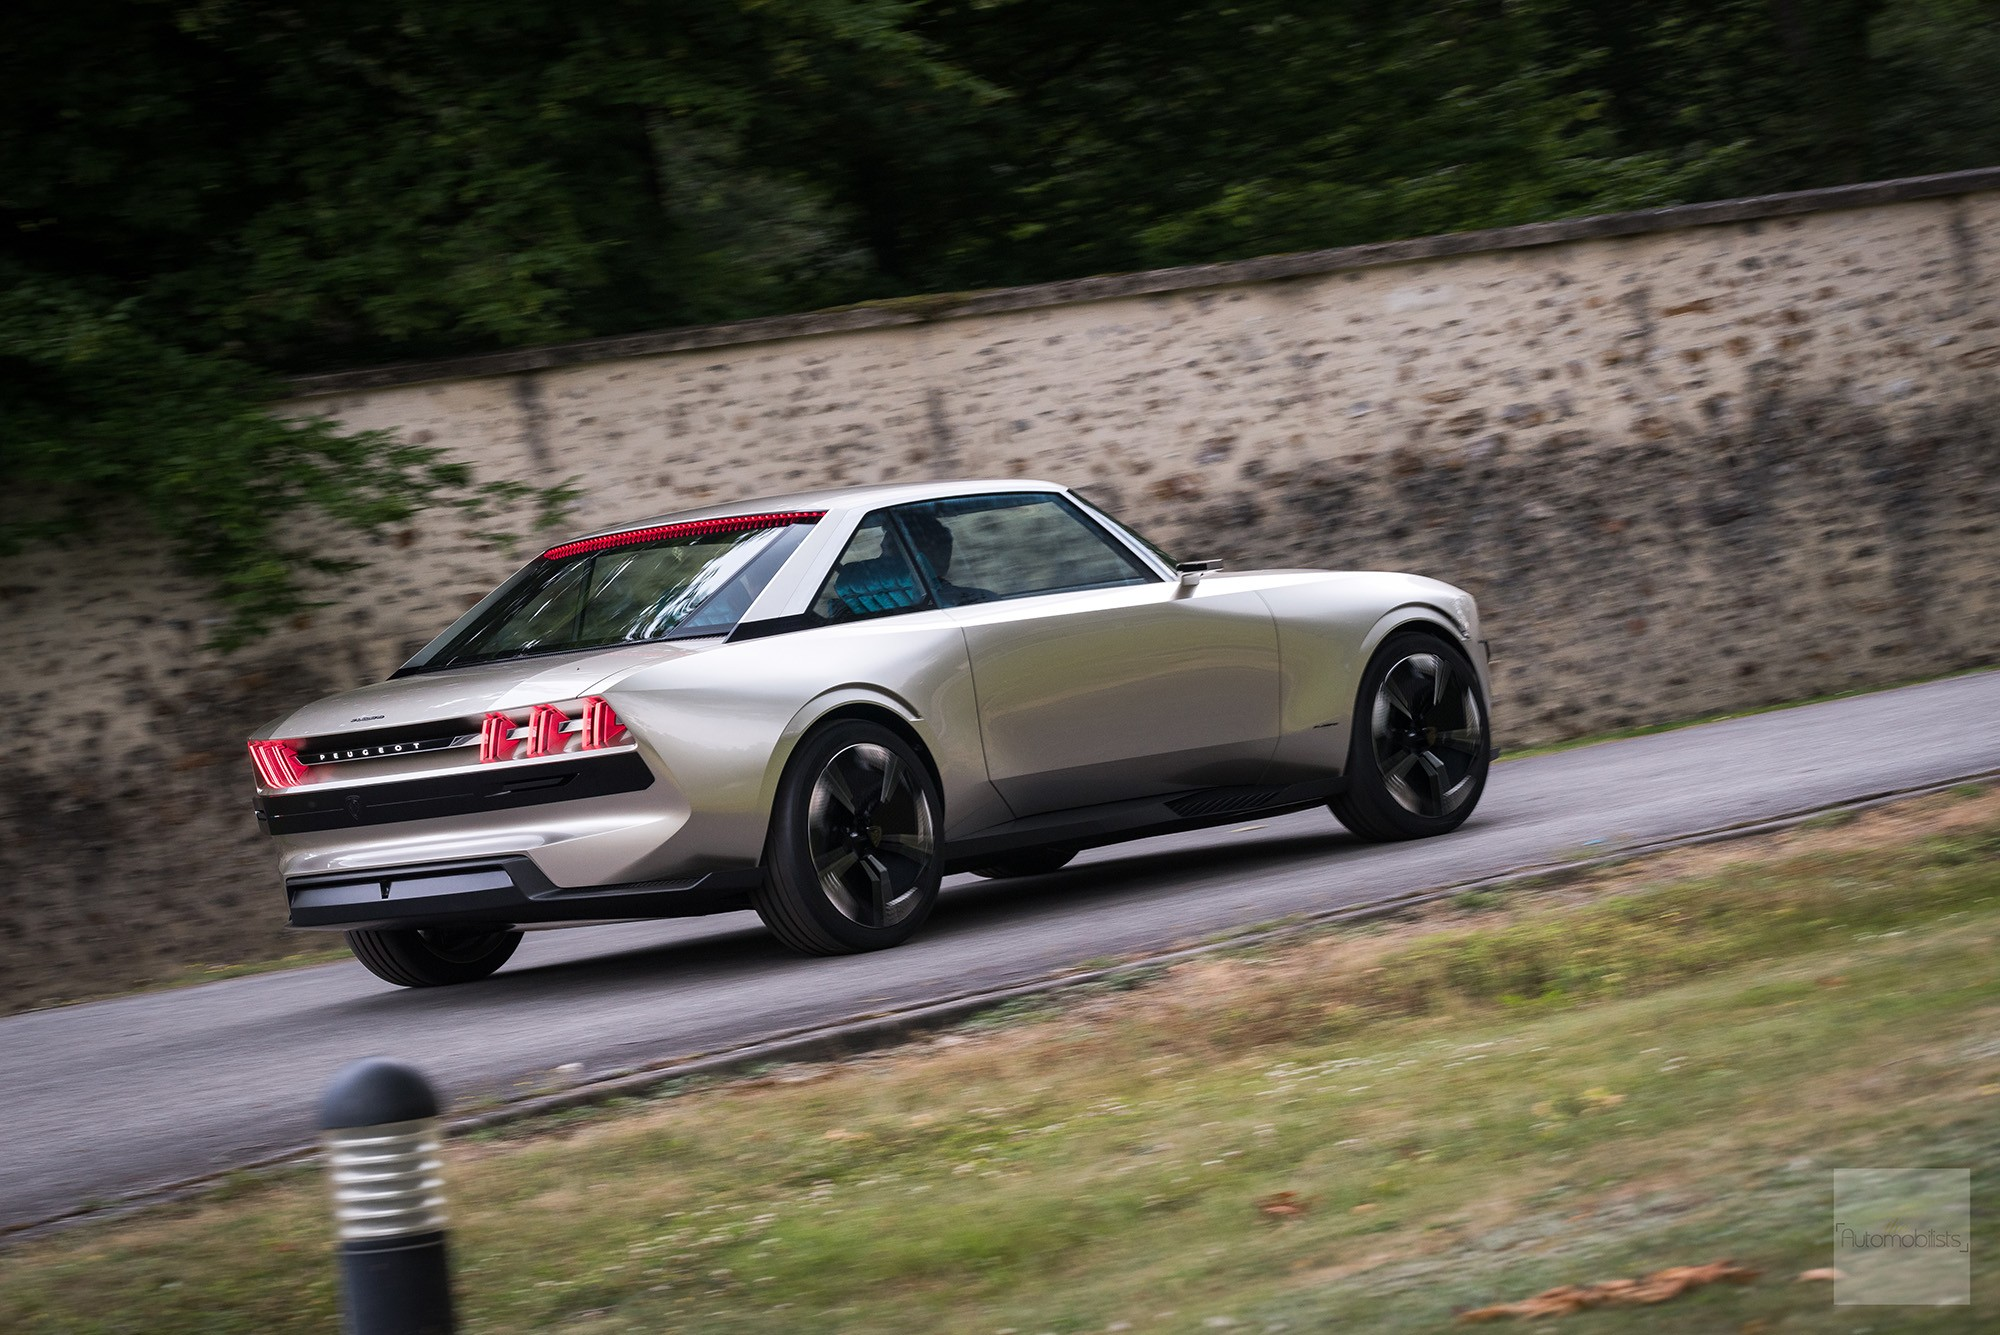 Peugeot P18 Paris Motor Show 2018 E Legend Concept Car concept roulant face arriere